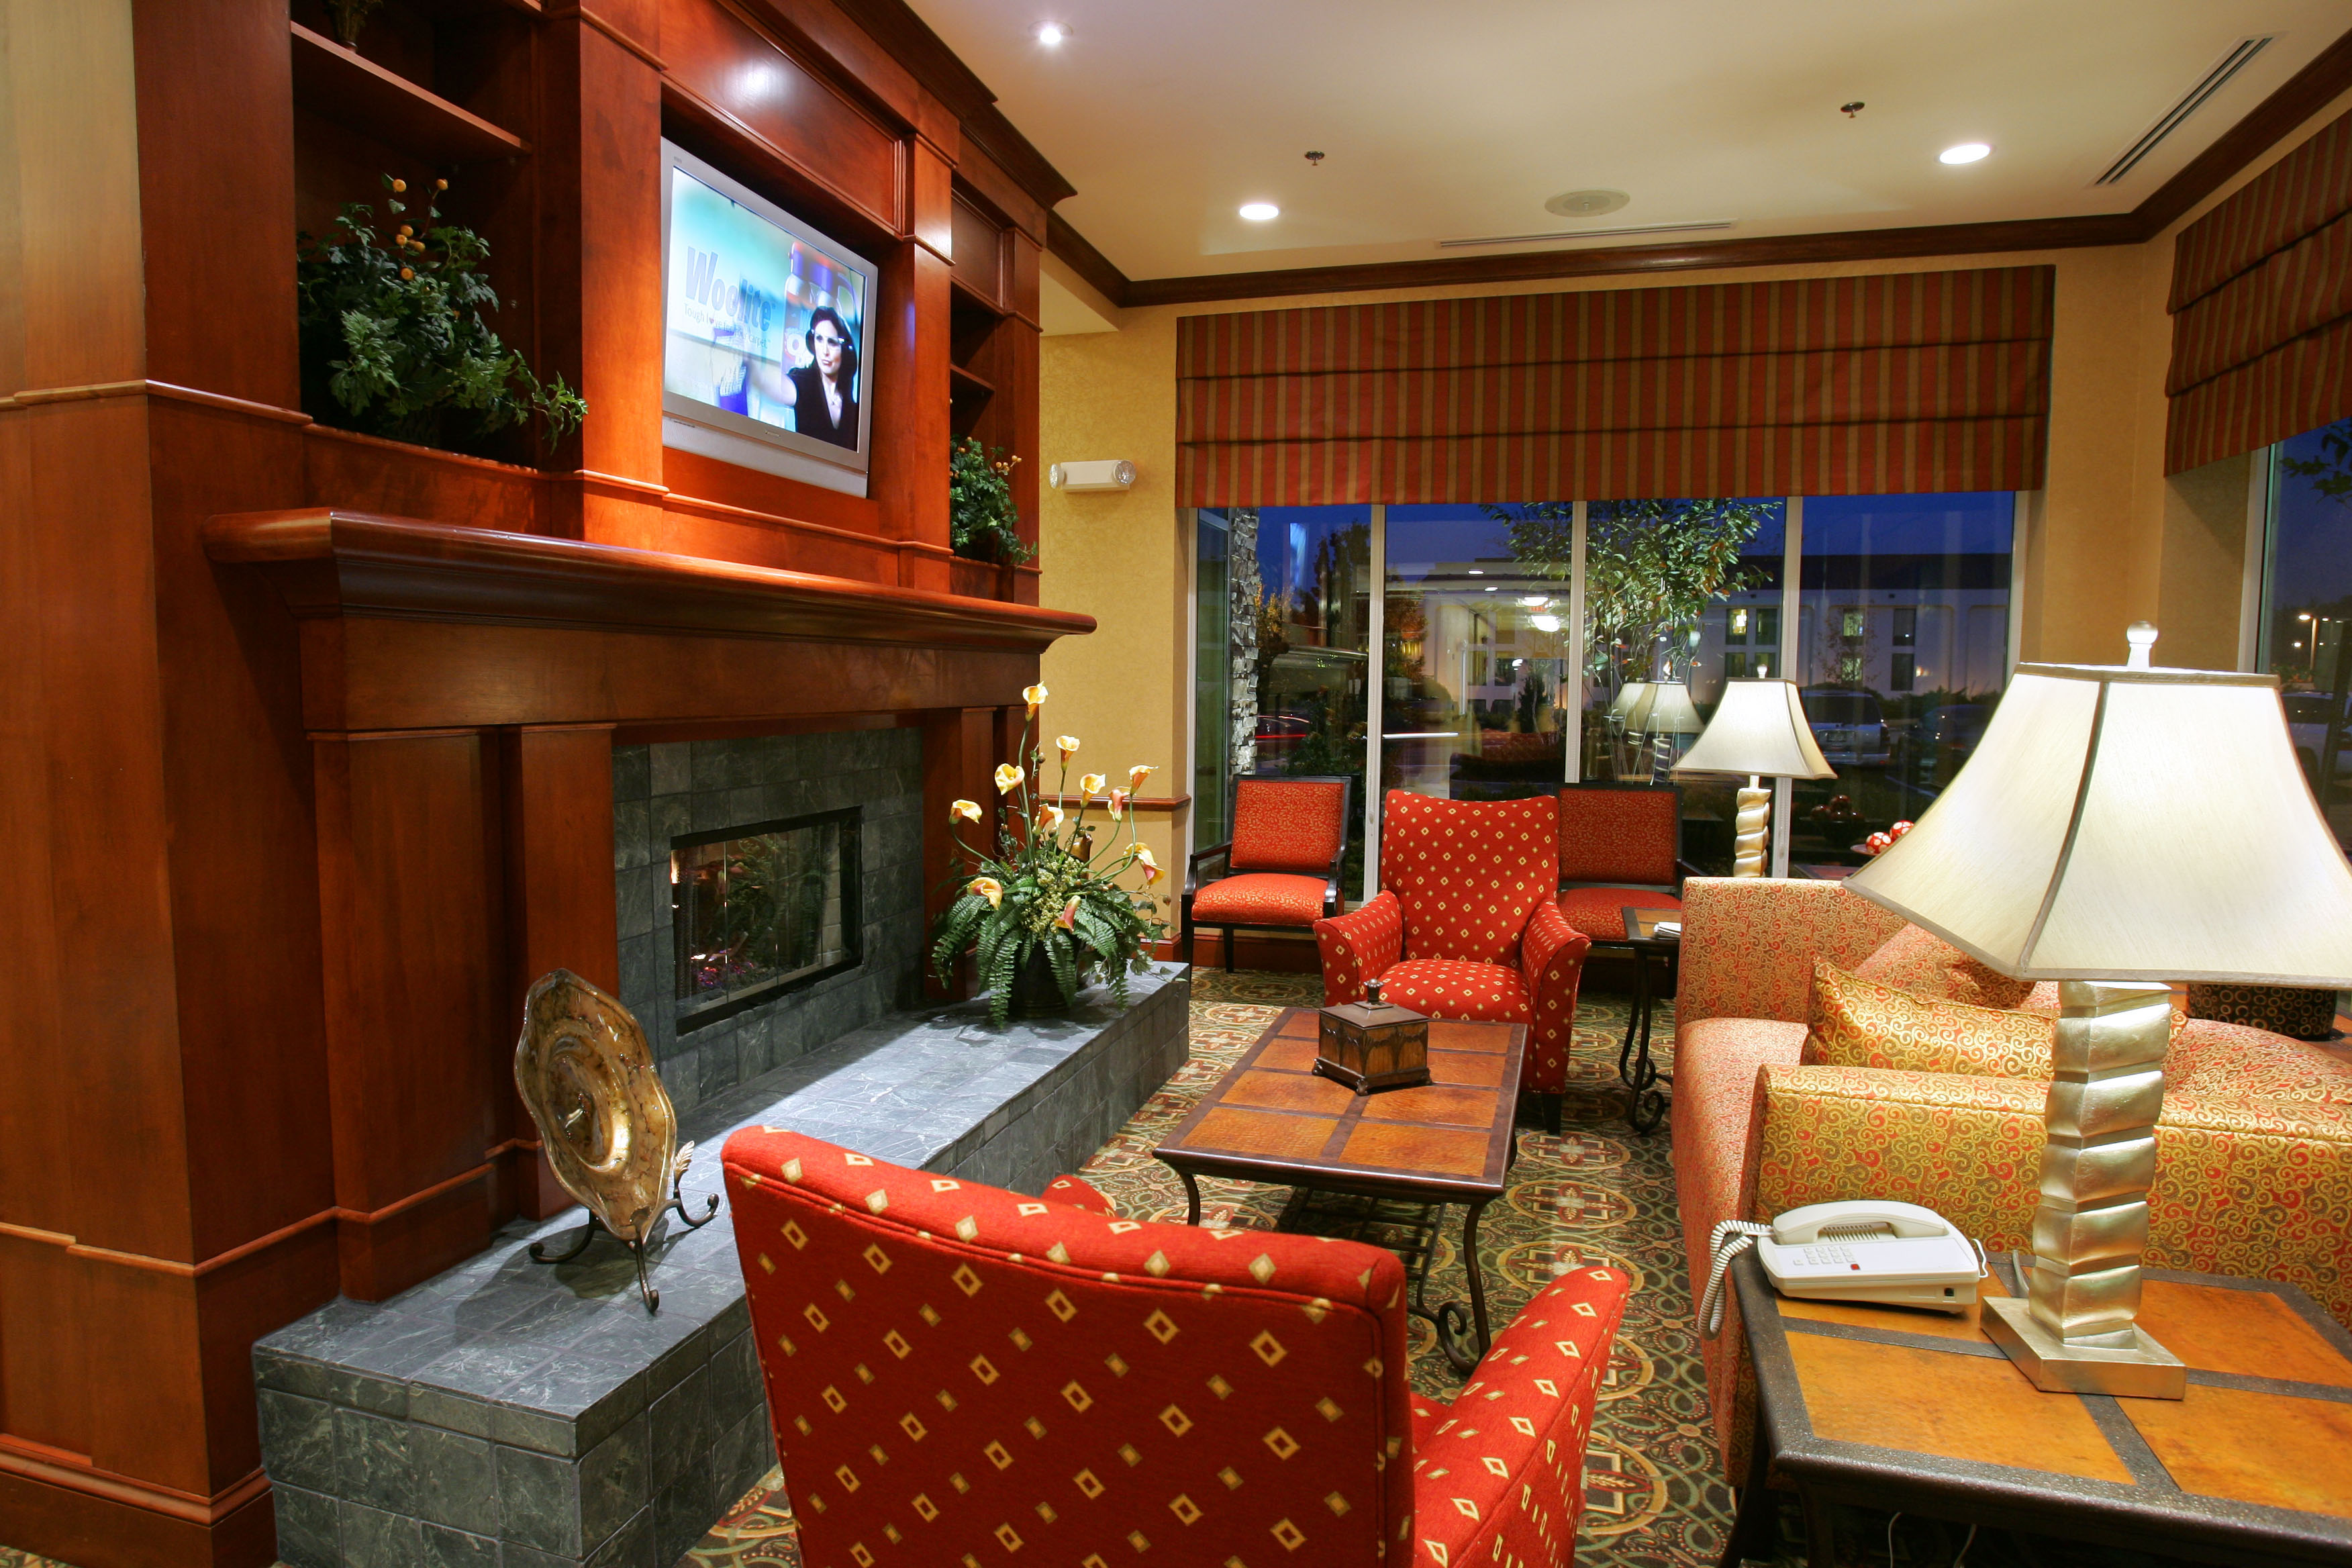 Hilton Garden Inn DFW North/Grapevine